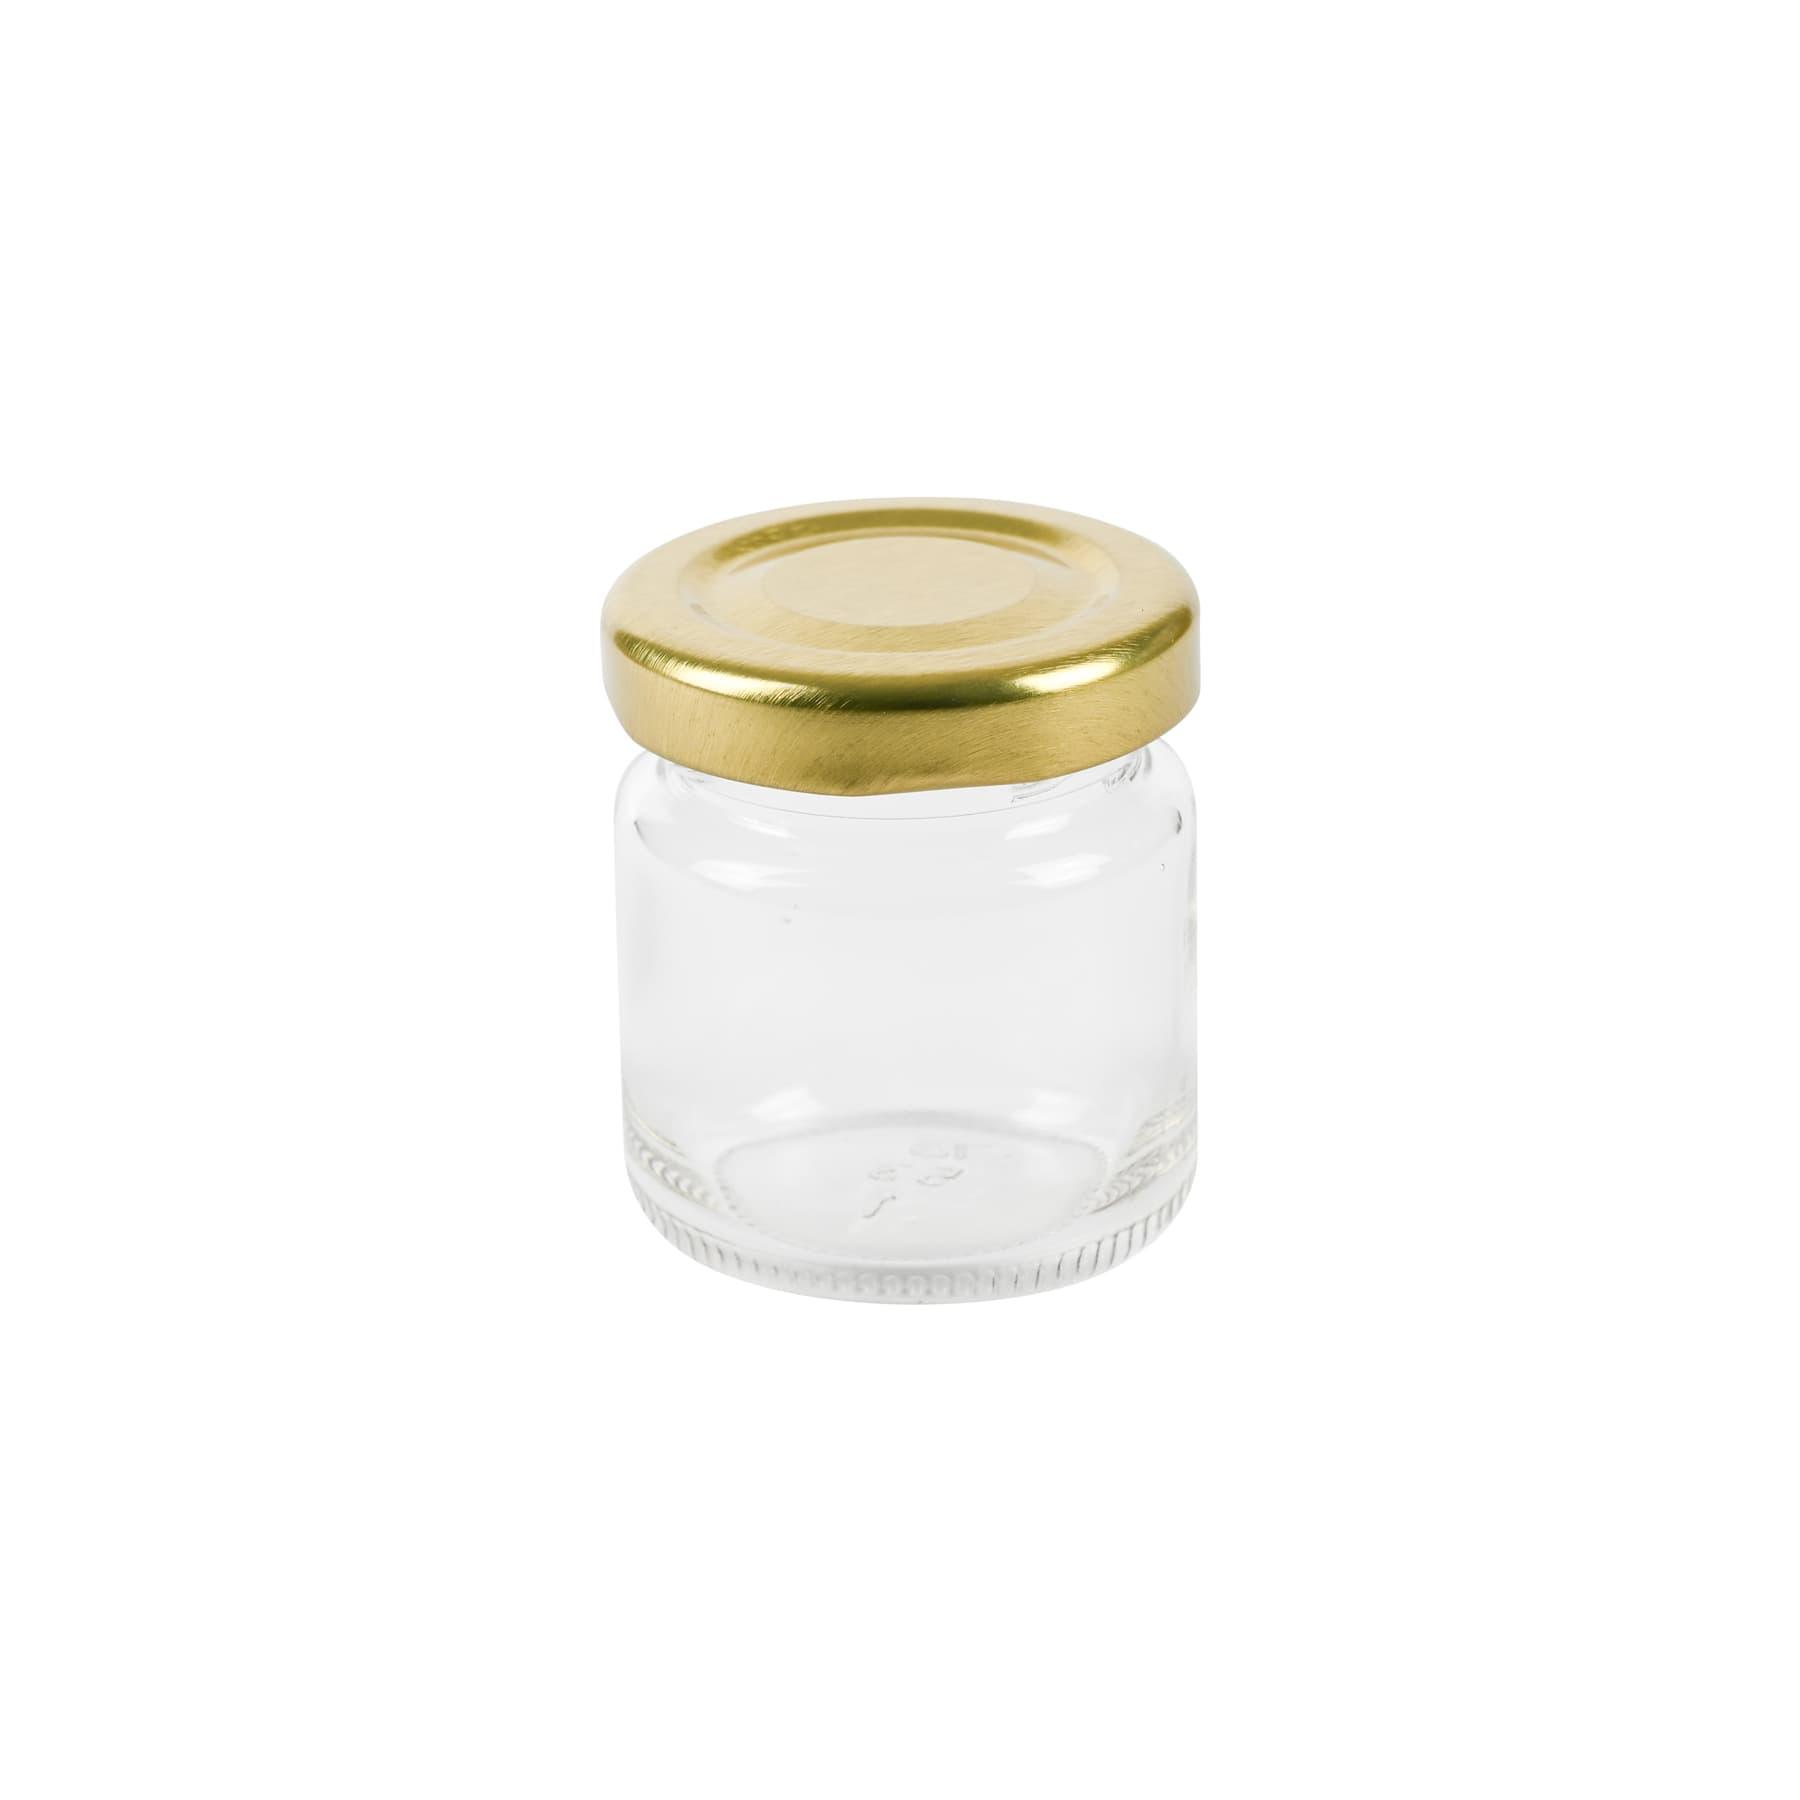 Rundglas 50 ml mit TO Metalldeckel 43 mm